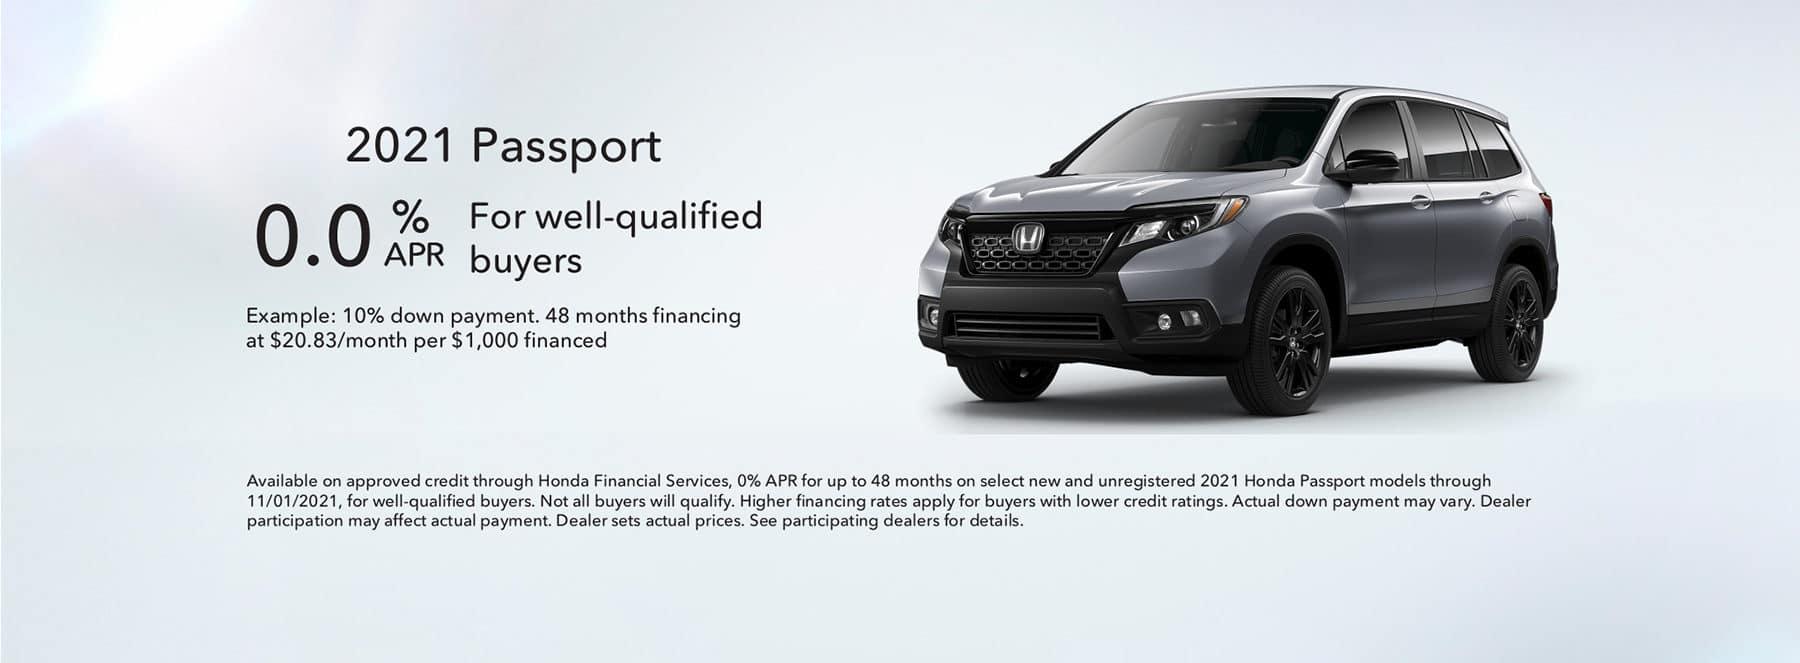 Honda-Passport-0921